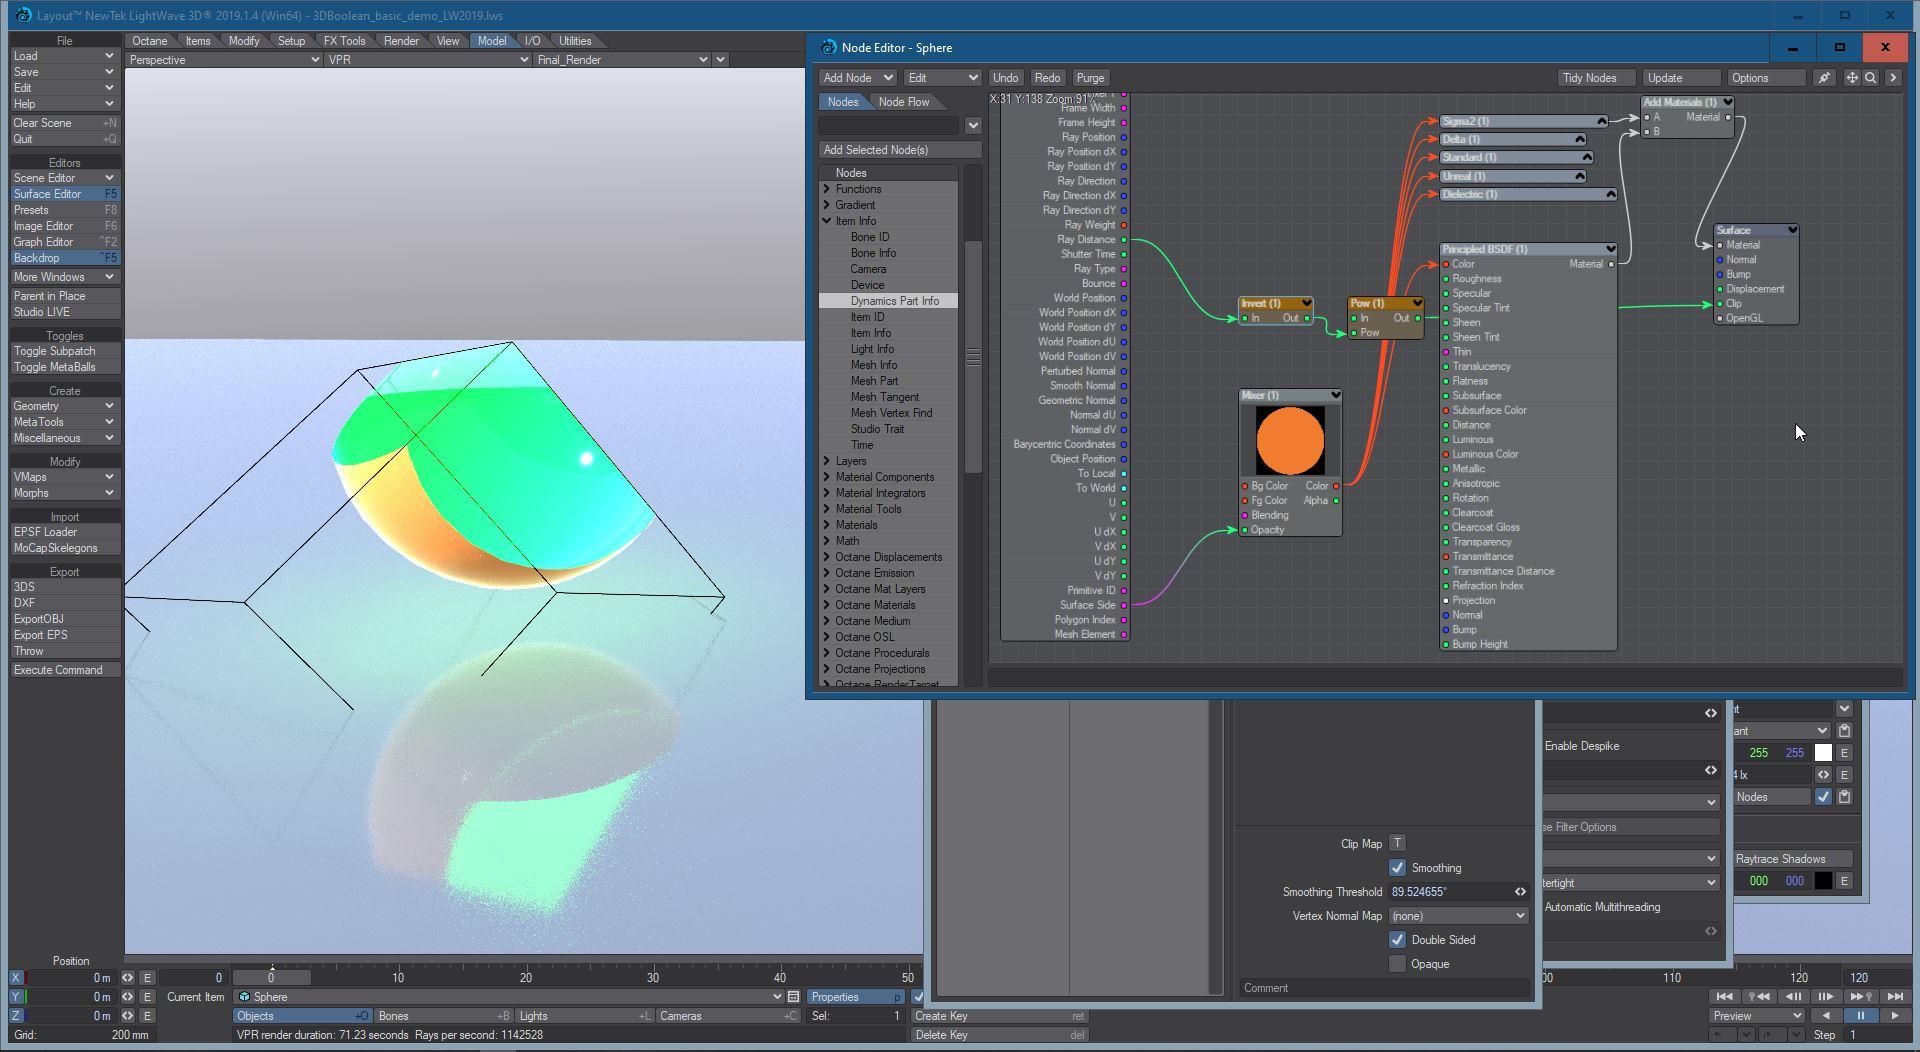 Nome: 2020-02-14 14_24_00-Layout™ NewTek LightWave 3D® 2019.1.4 (Win64) - 3DBoolean_basic_demo_LW2019..jpg Visite: 151 Dimensione: 240.9 KB